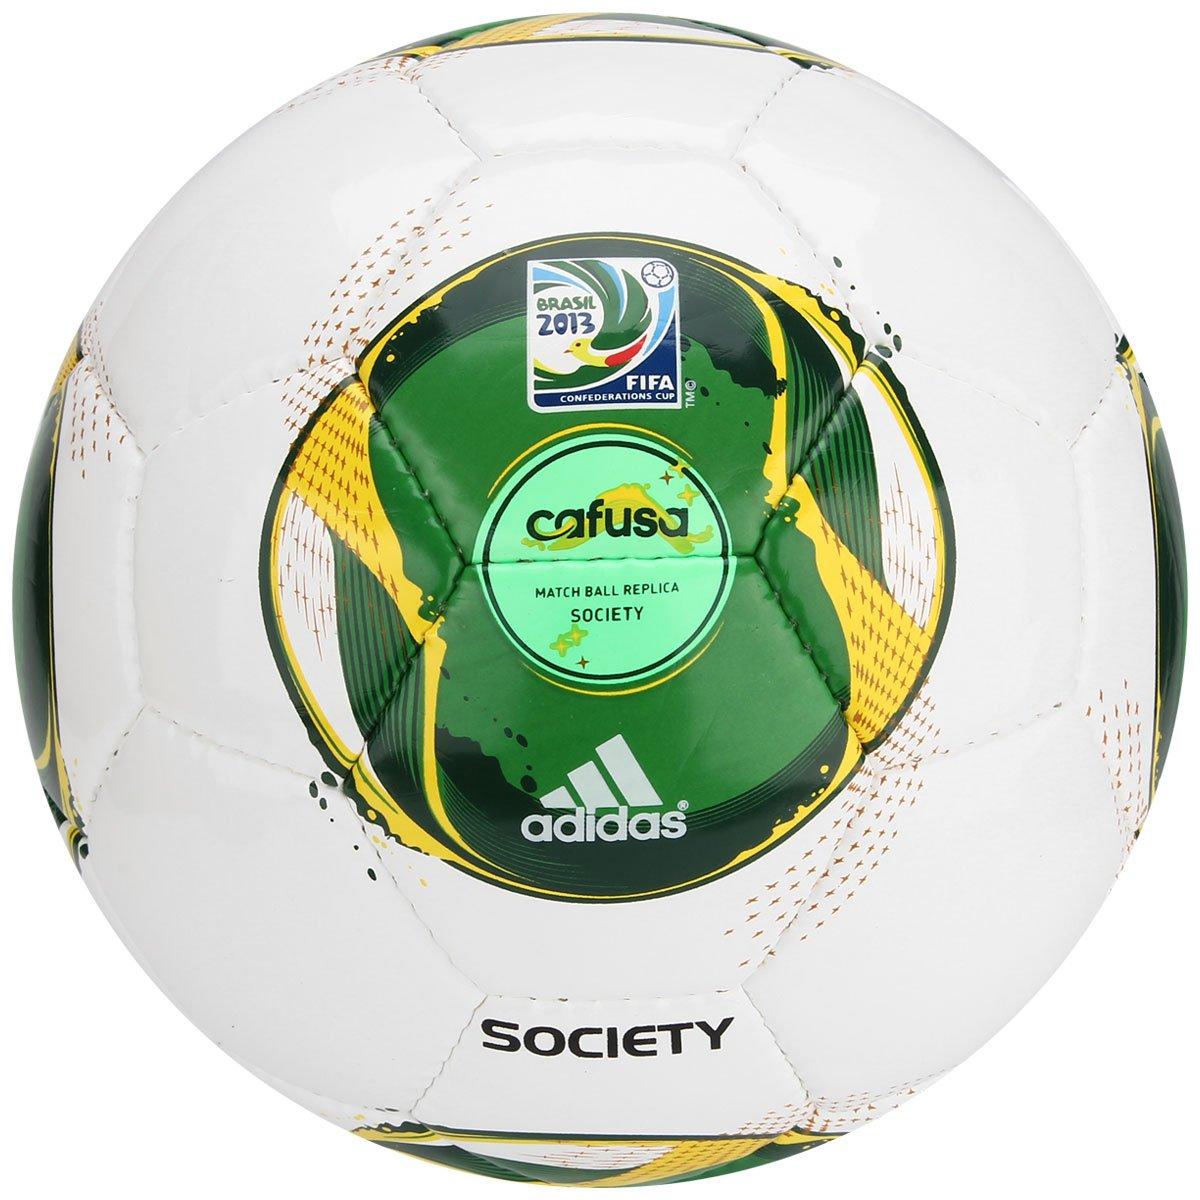 790e1833ee756 Bola Futebol Adidas Cafusa Copa das Confederações Society - Compre Agora